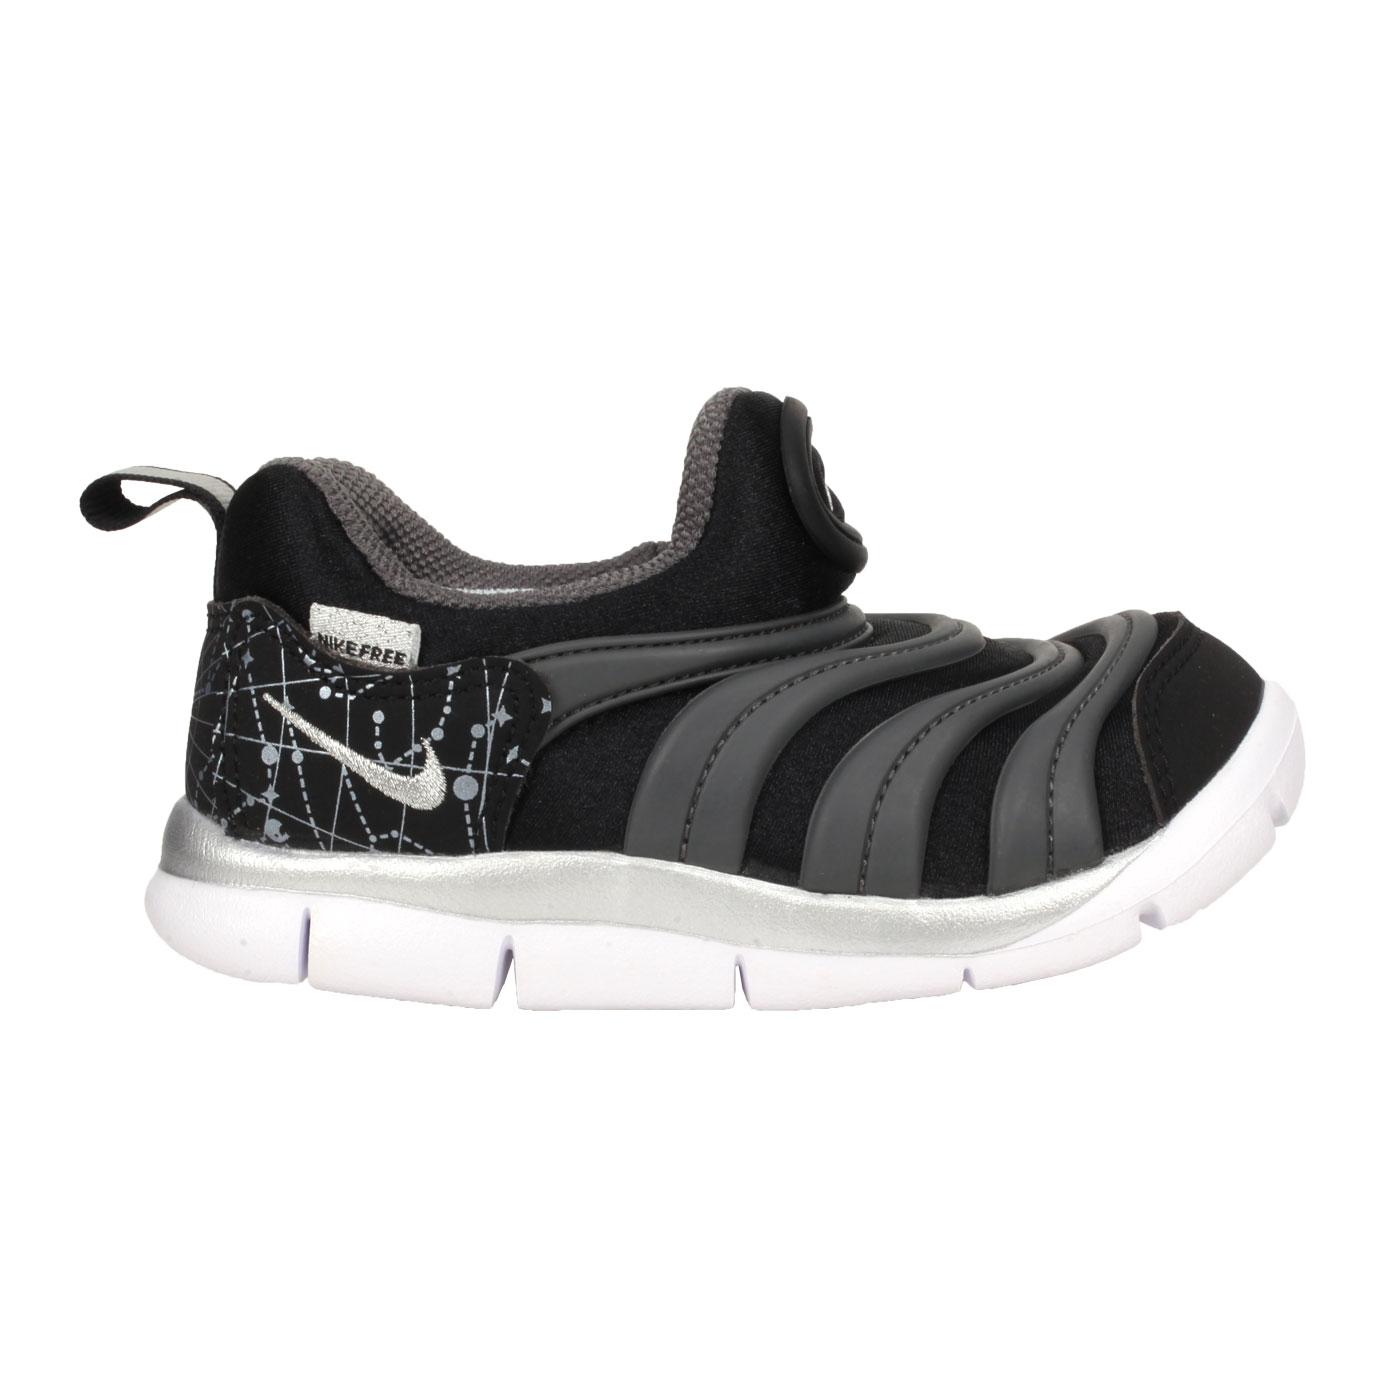 NIKE 小童休閒運動鞋  @DYNAMO FREE (TD)@DC3273001 - 黑灰銀